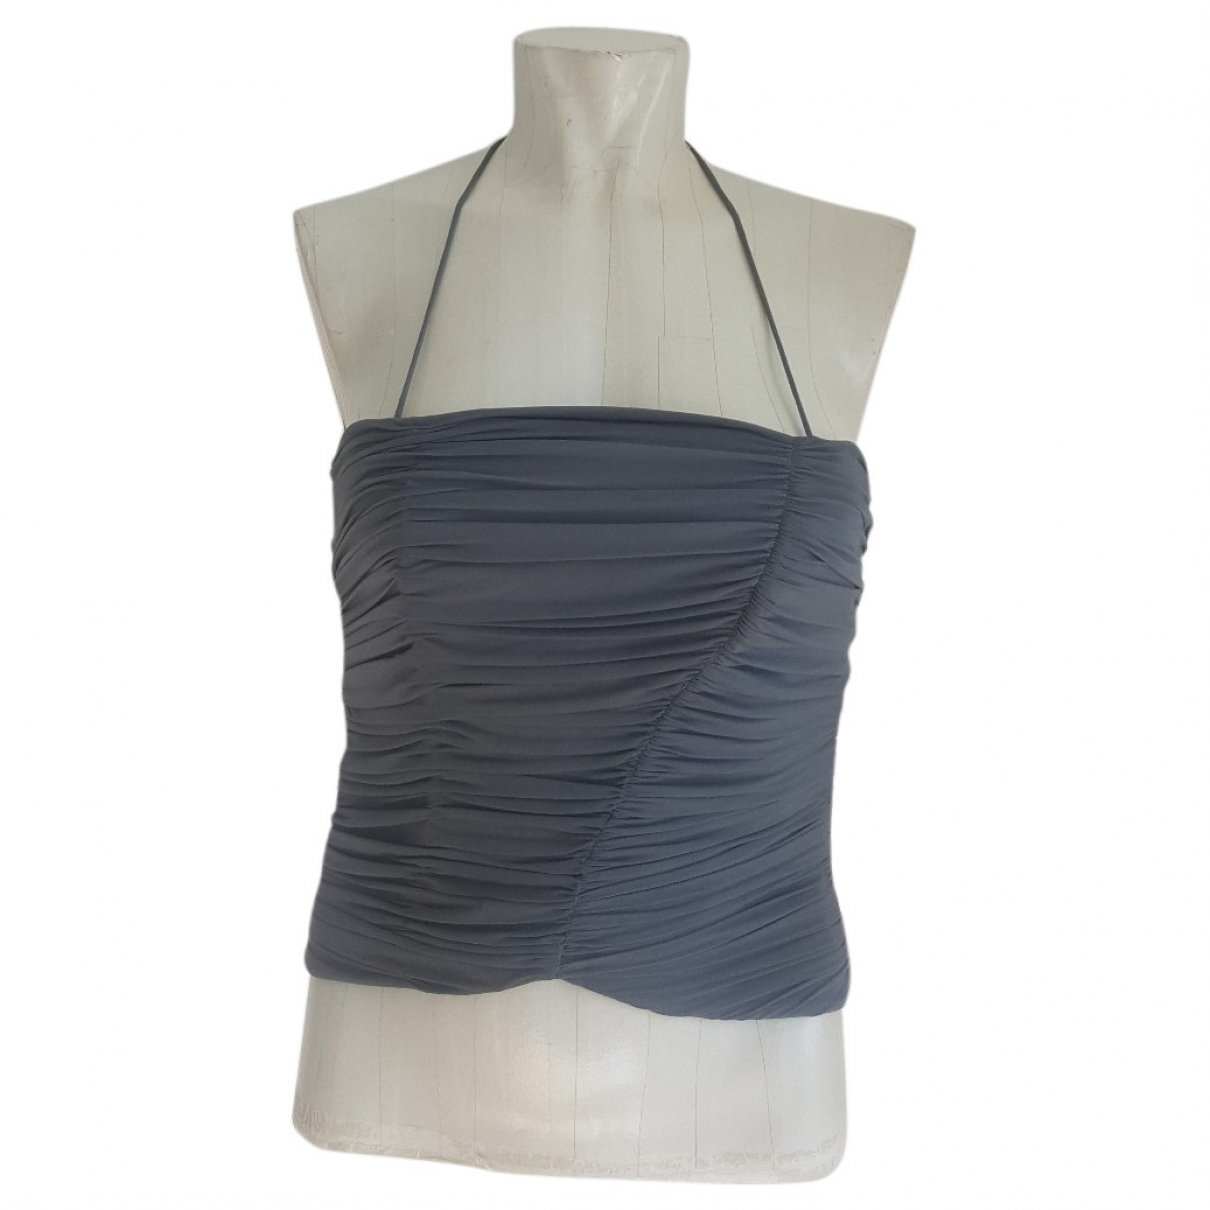 Giorgio Armani - Top   pour femme - gris